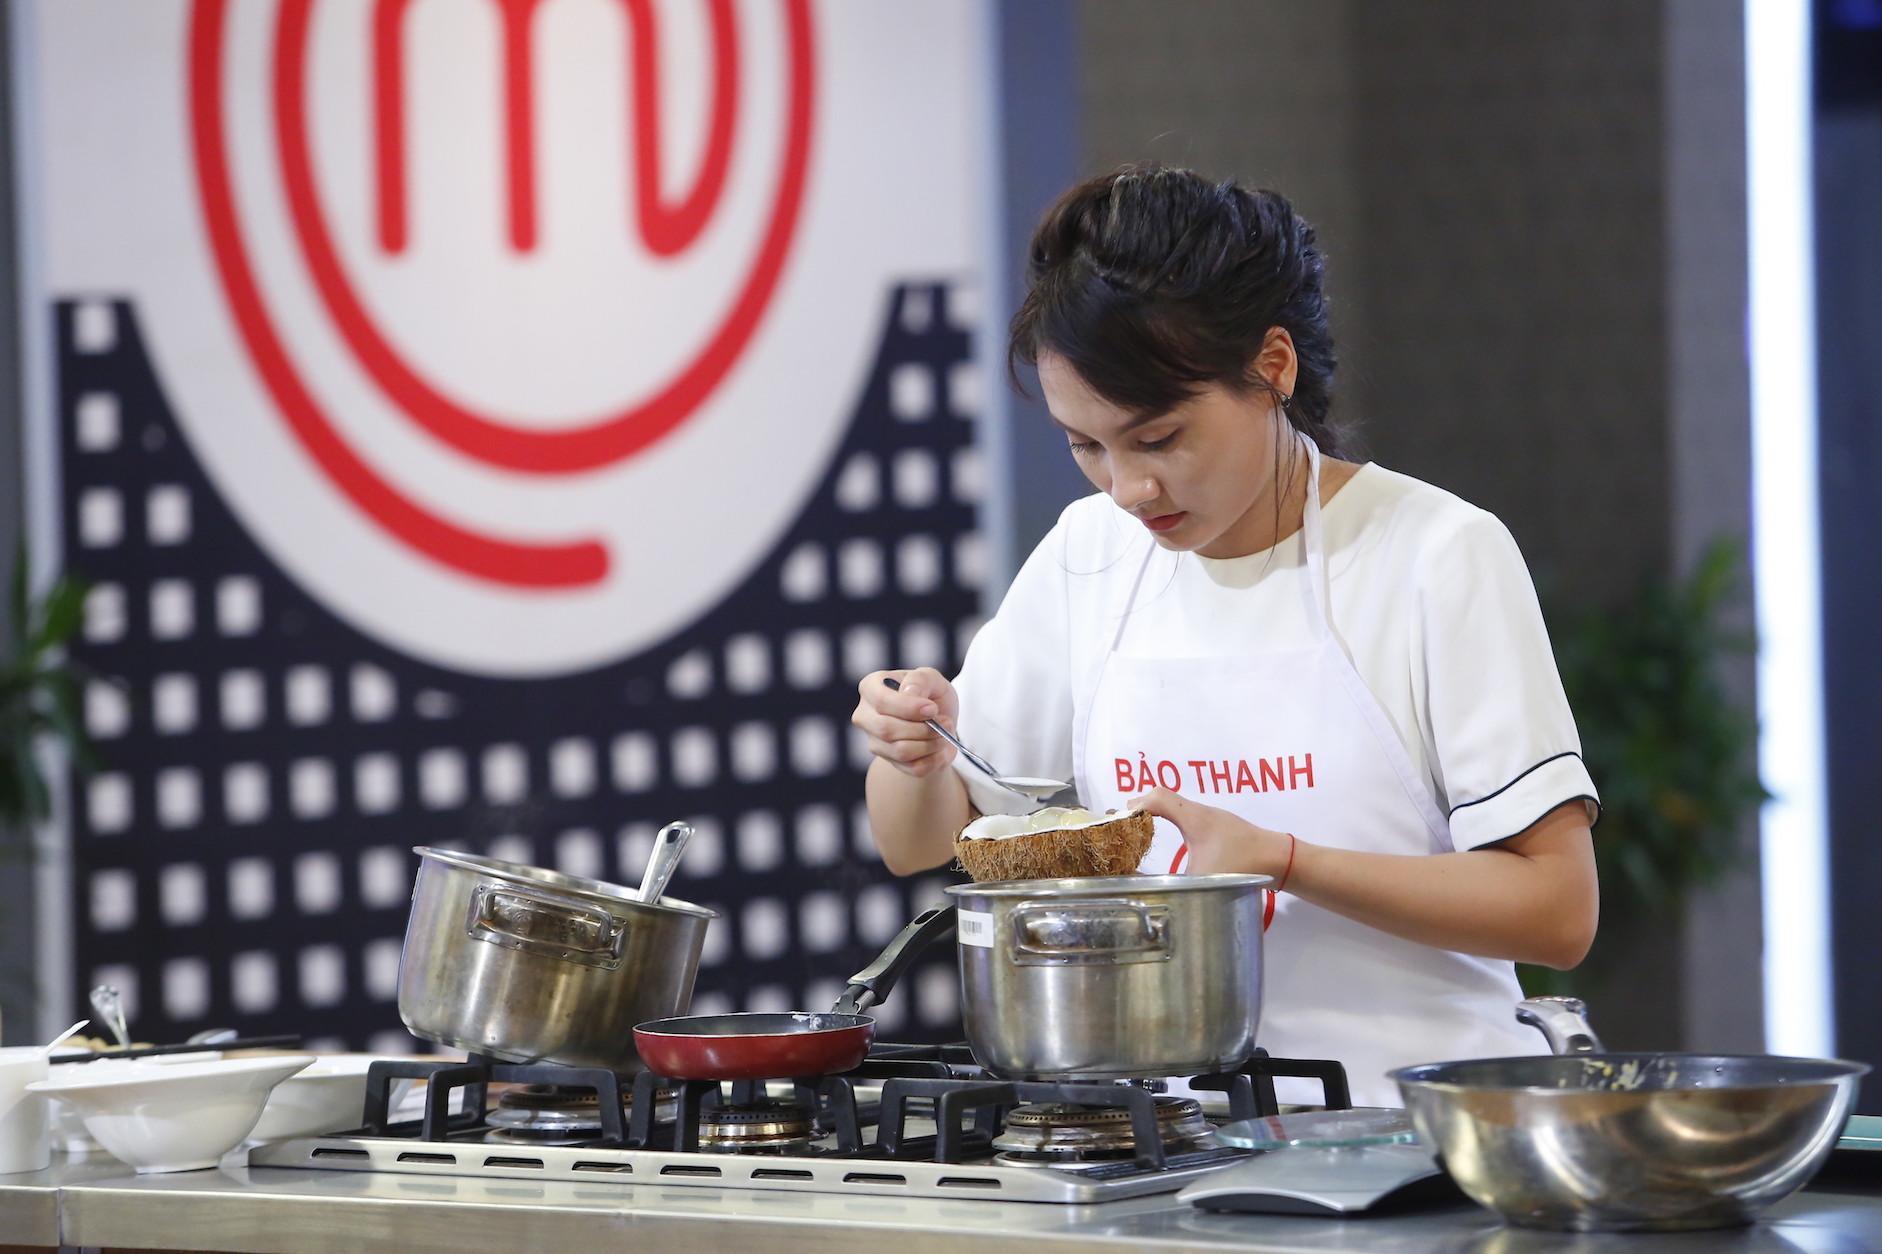 Vua đầu bếp 2017:  Bảo Thanh bất ngờ thất bại trước cô nàng cá tính An Nguy-7